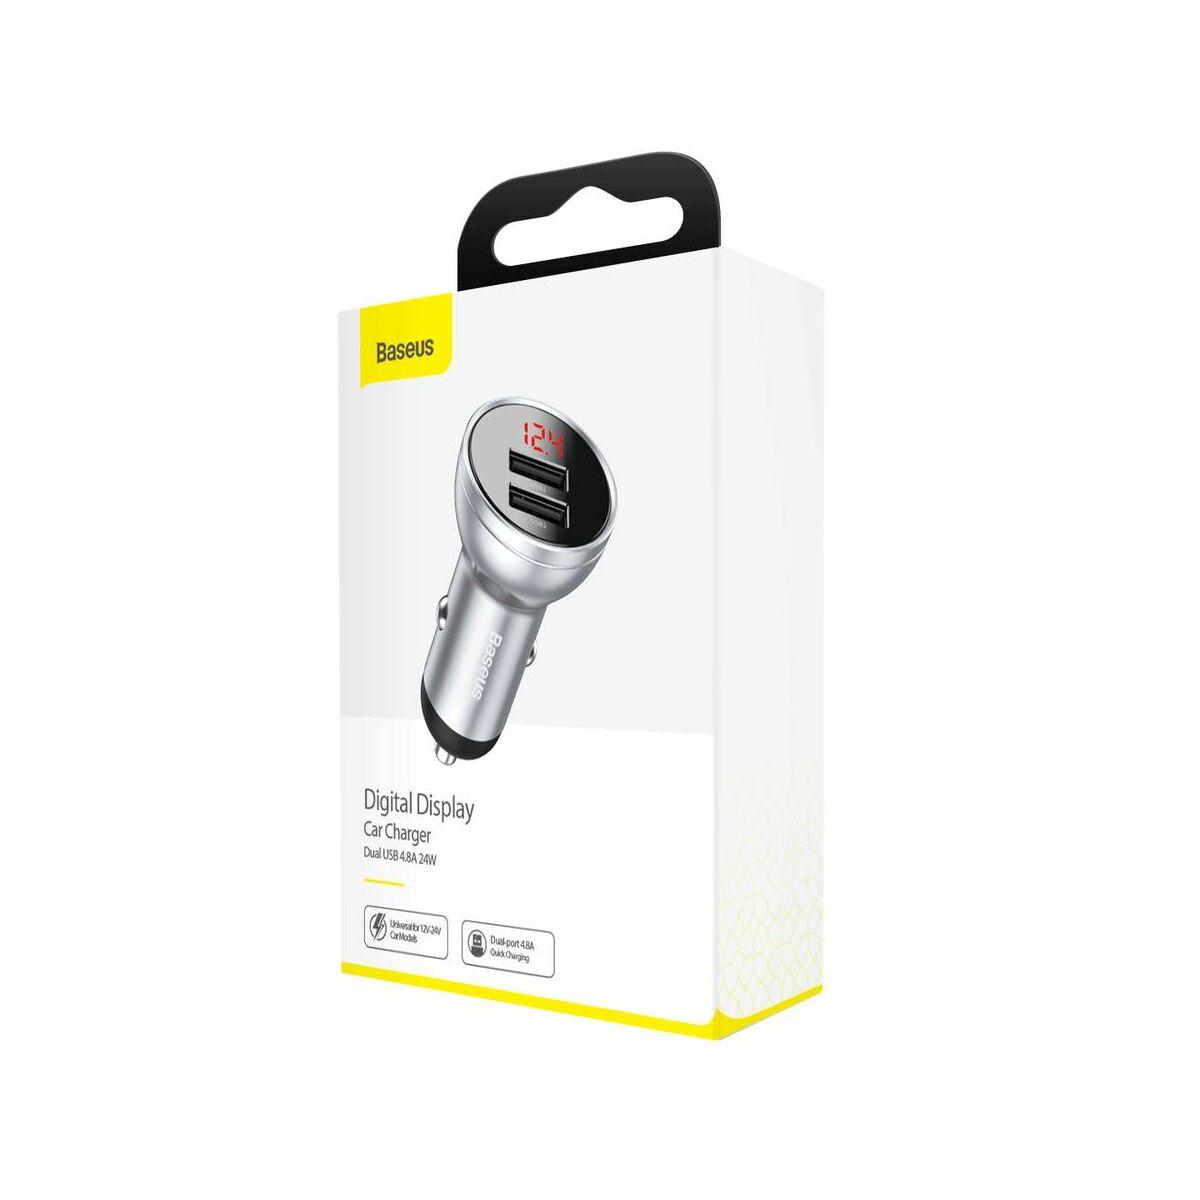 Baseus autós töltő, Digital Display Dual USB csatlakozás, digitális kijelzés, 24W 4.8A, ezüst (CCBX-0S)